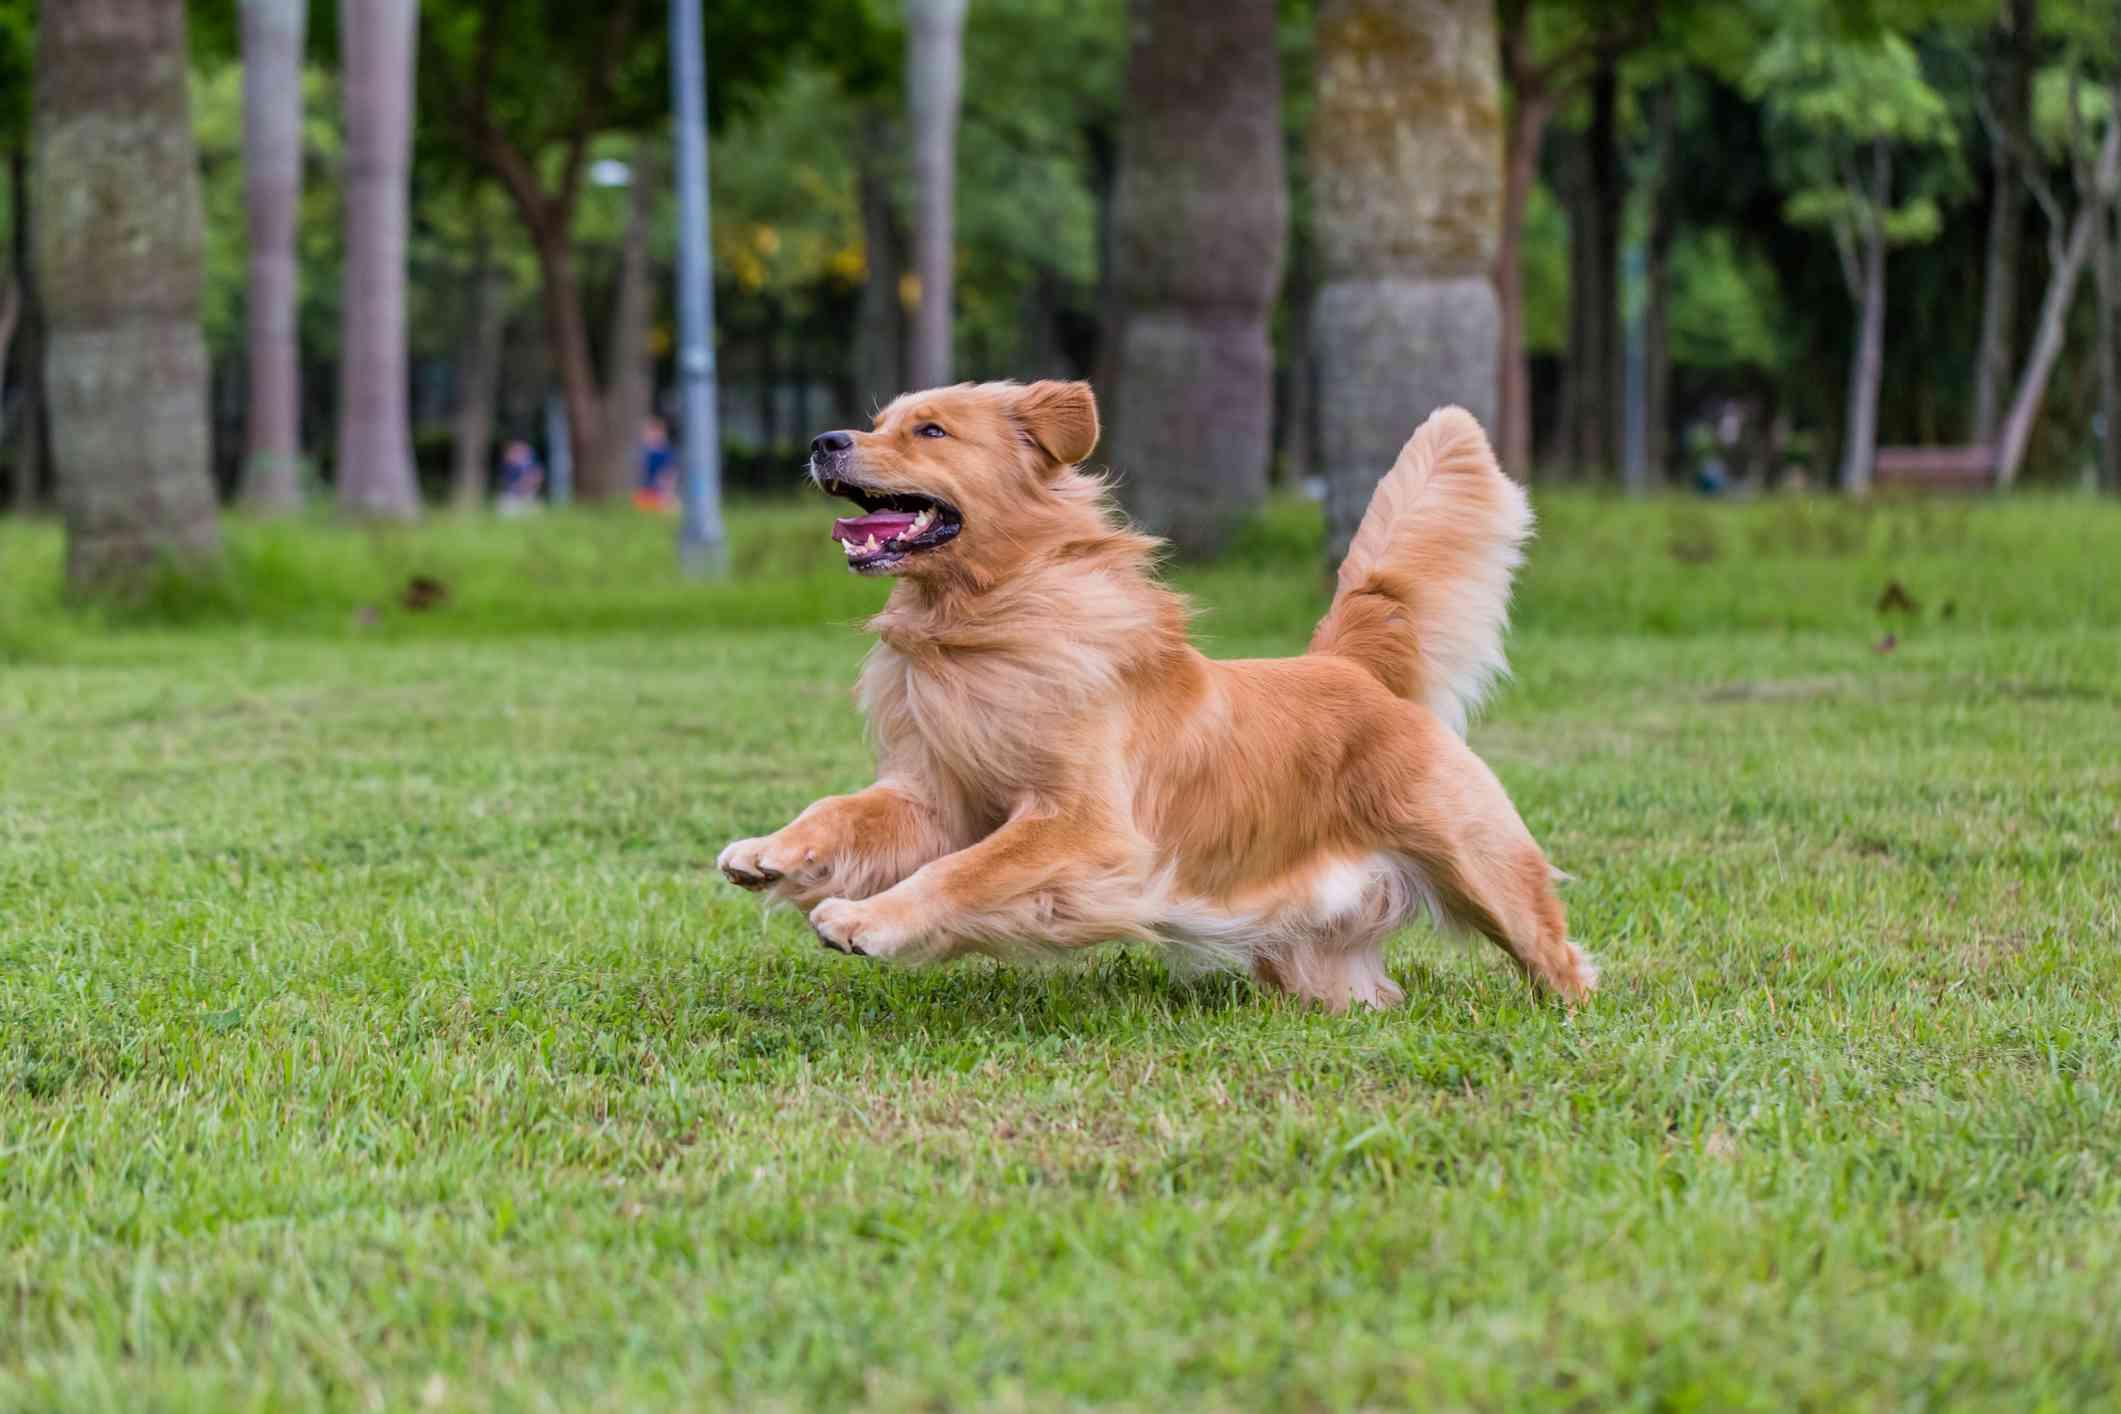 A happy Golden Retriever running